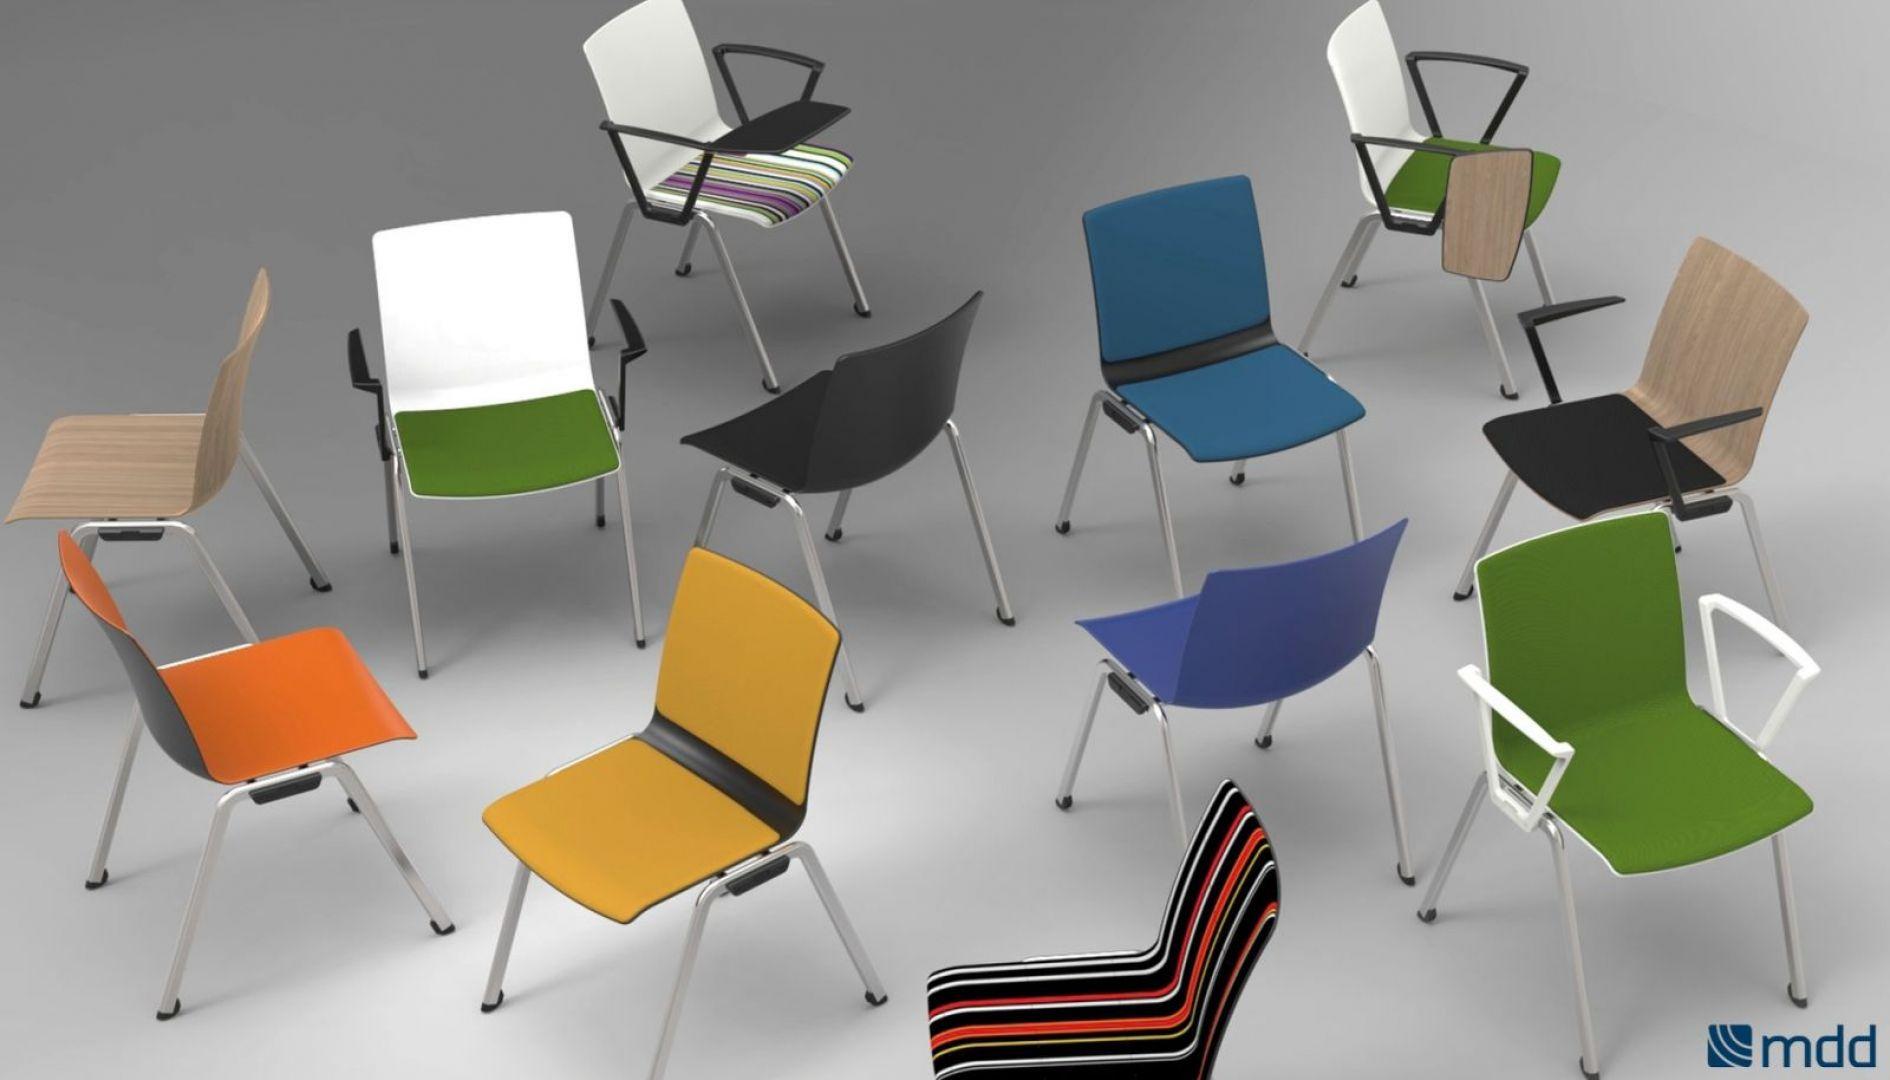 Kolorowe krzesła Shila pasują do mieszkania i do biura, Fot. MDD